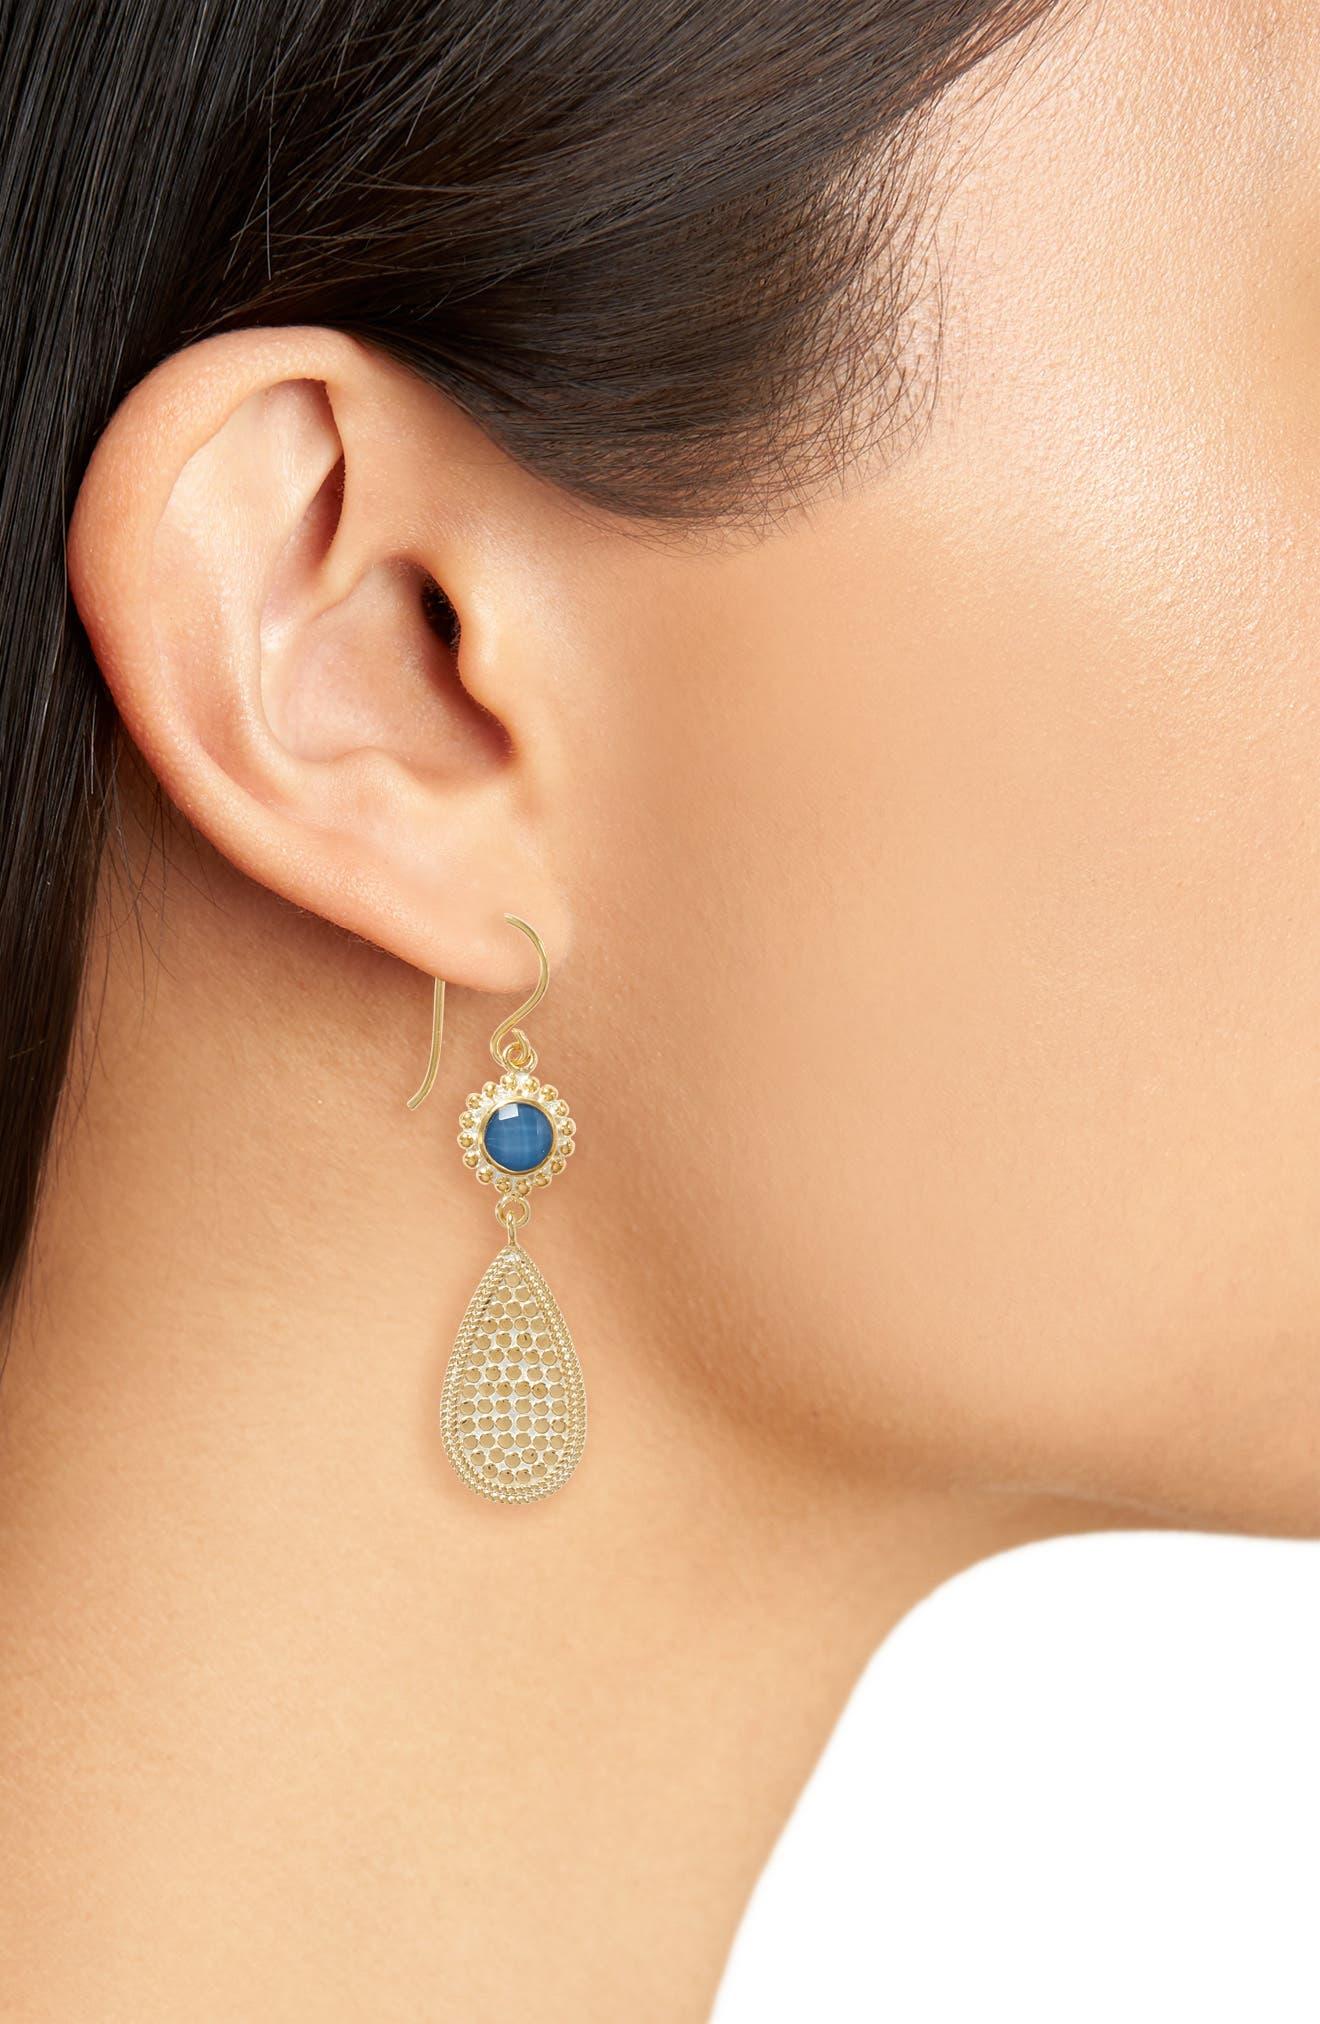 Blue Quartz Double Drop Earrings,                             Alternate thumbnail 2, color,                             Gold/ Blue Quartz